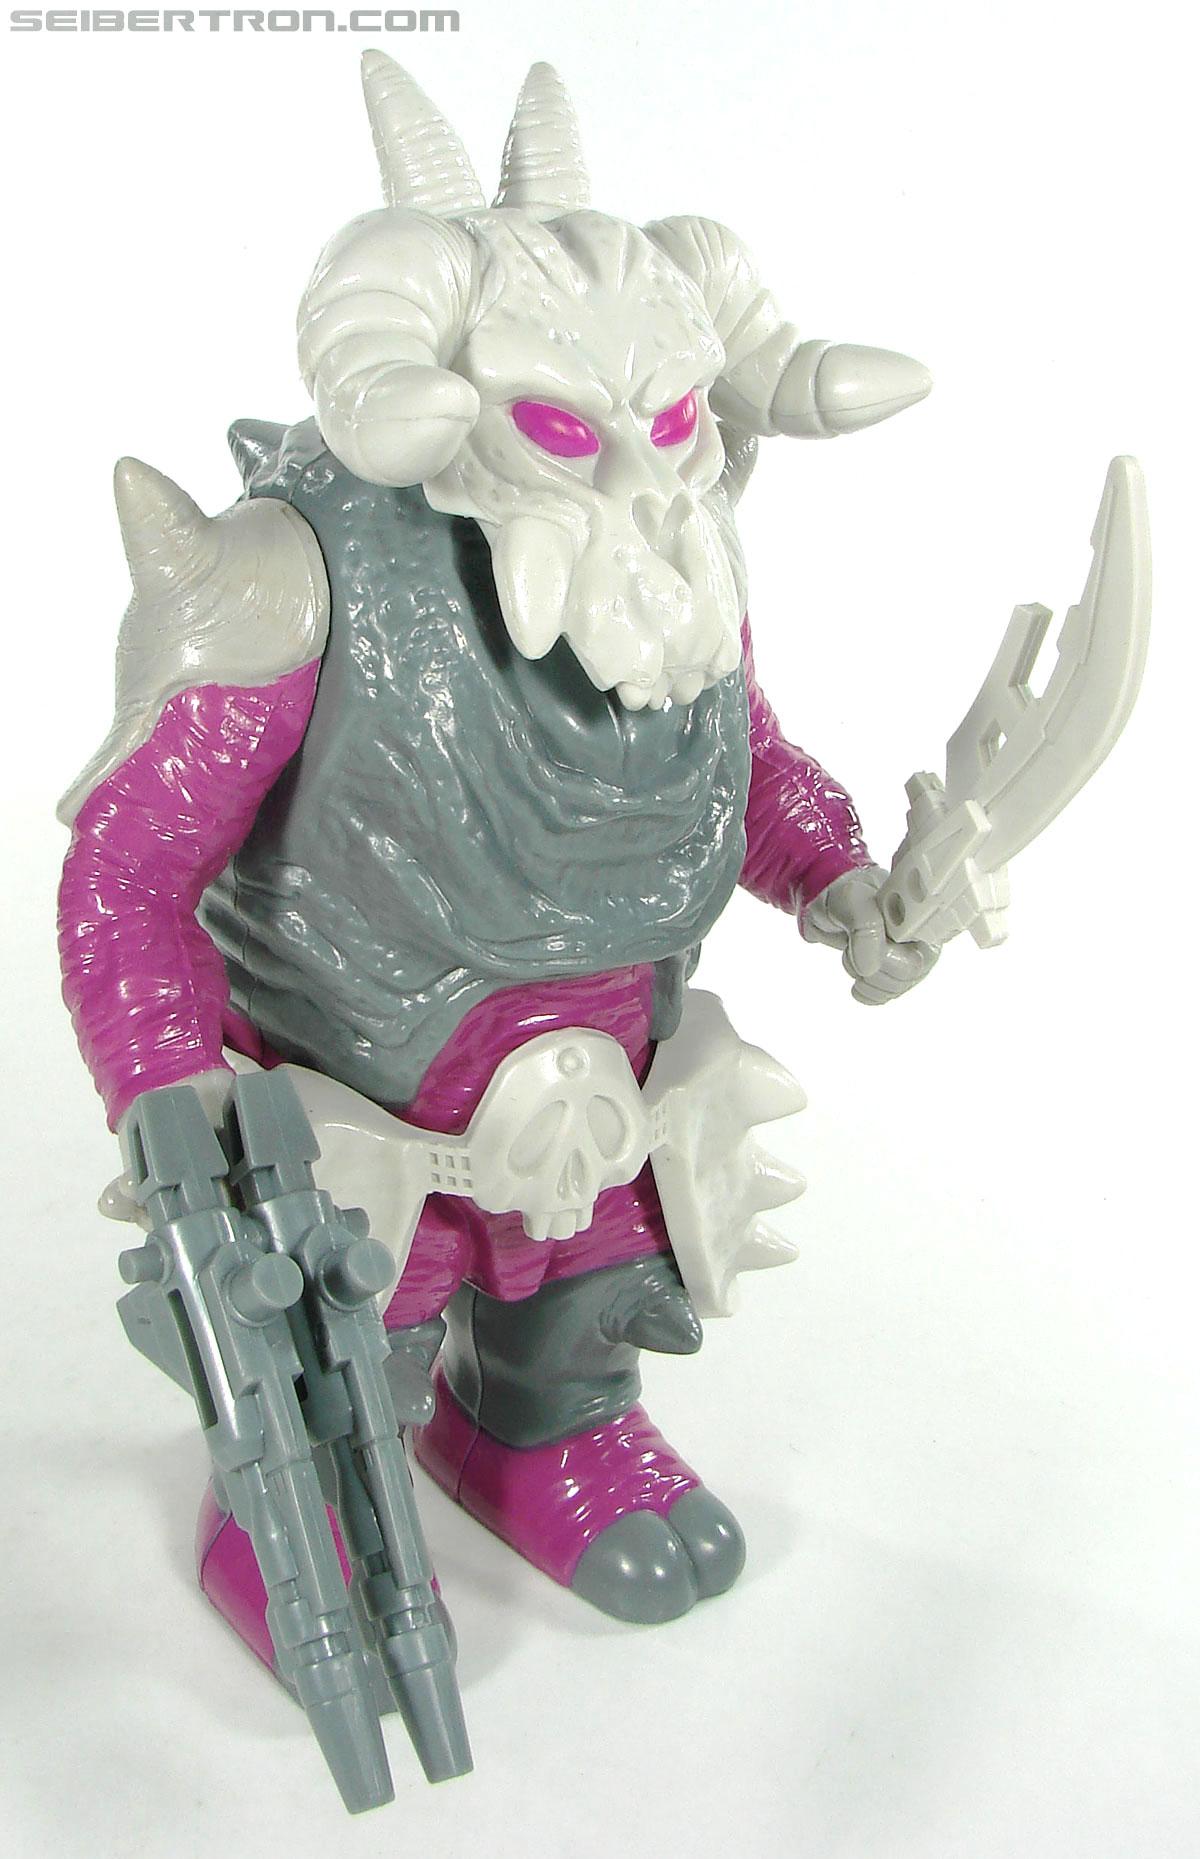 Transformers Super God Masterforce Skullgrin (Dauros) (Image #58 of 196)